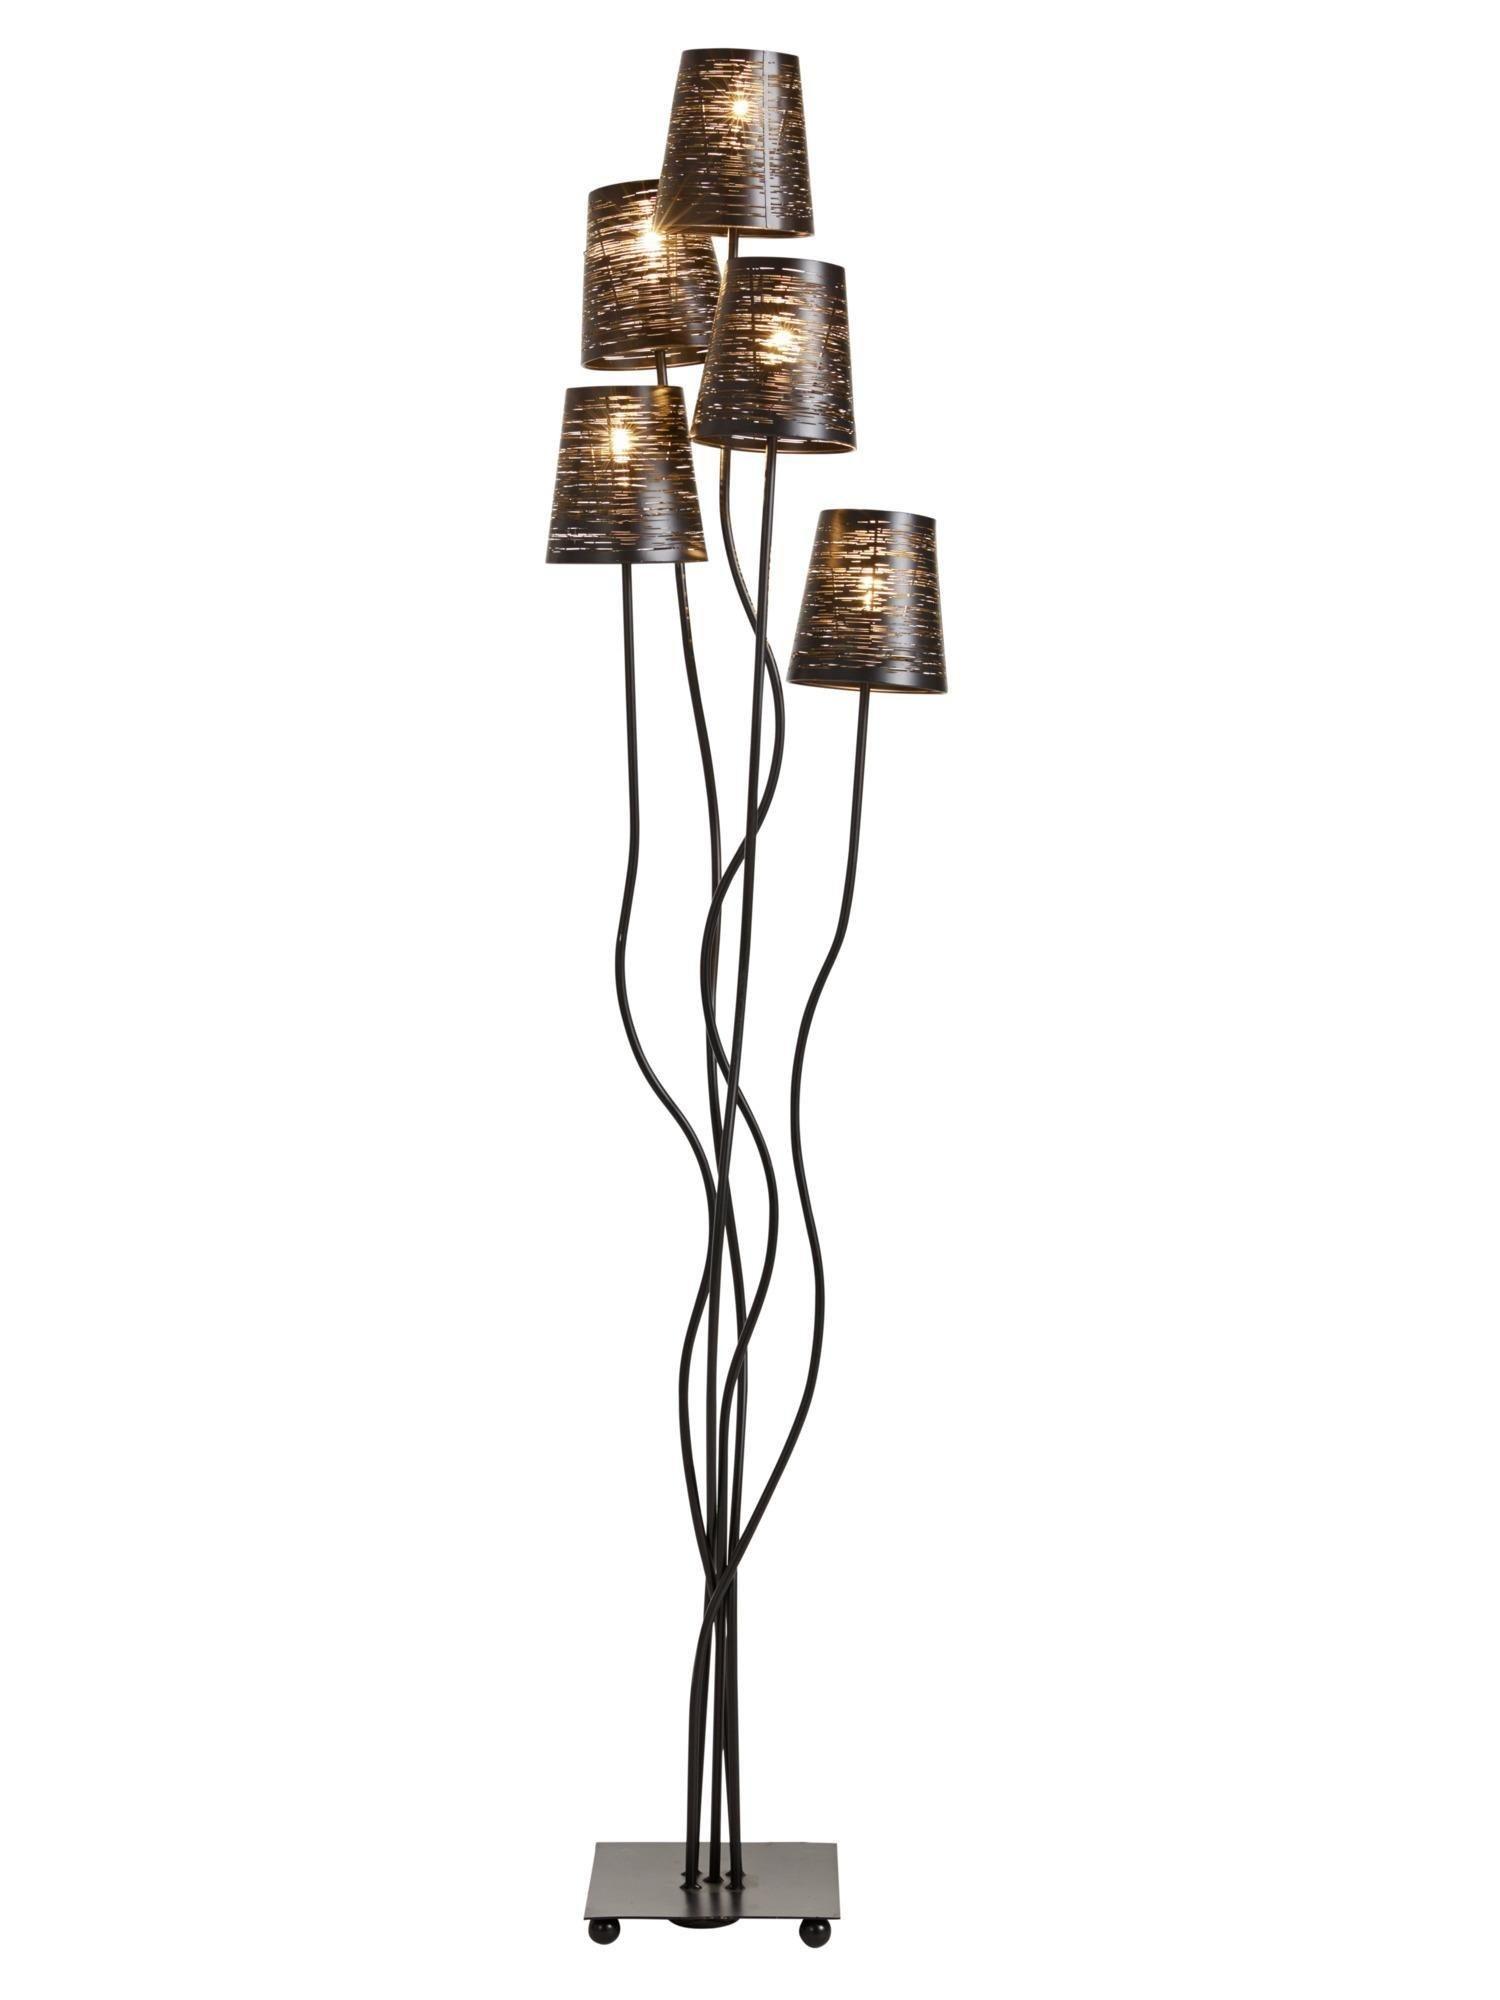 Stehlampe Dimmbar Kinderzimmer Stehleuchte Mit Dimmer Holz